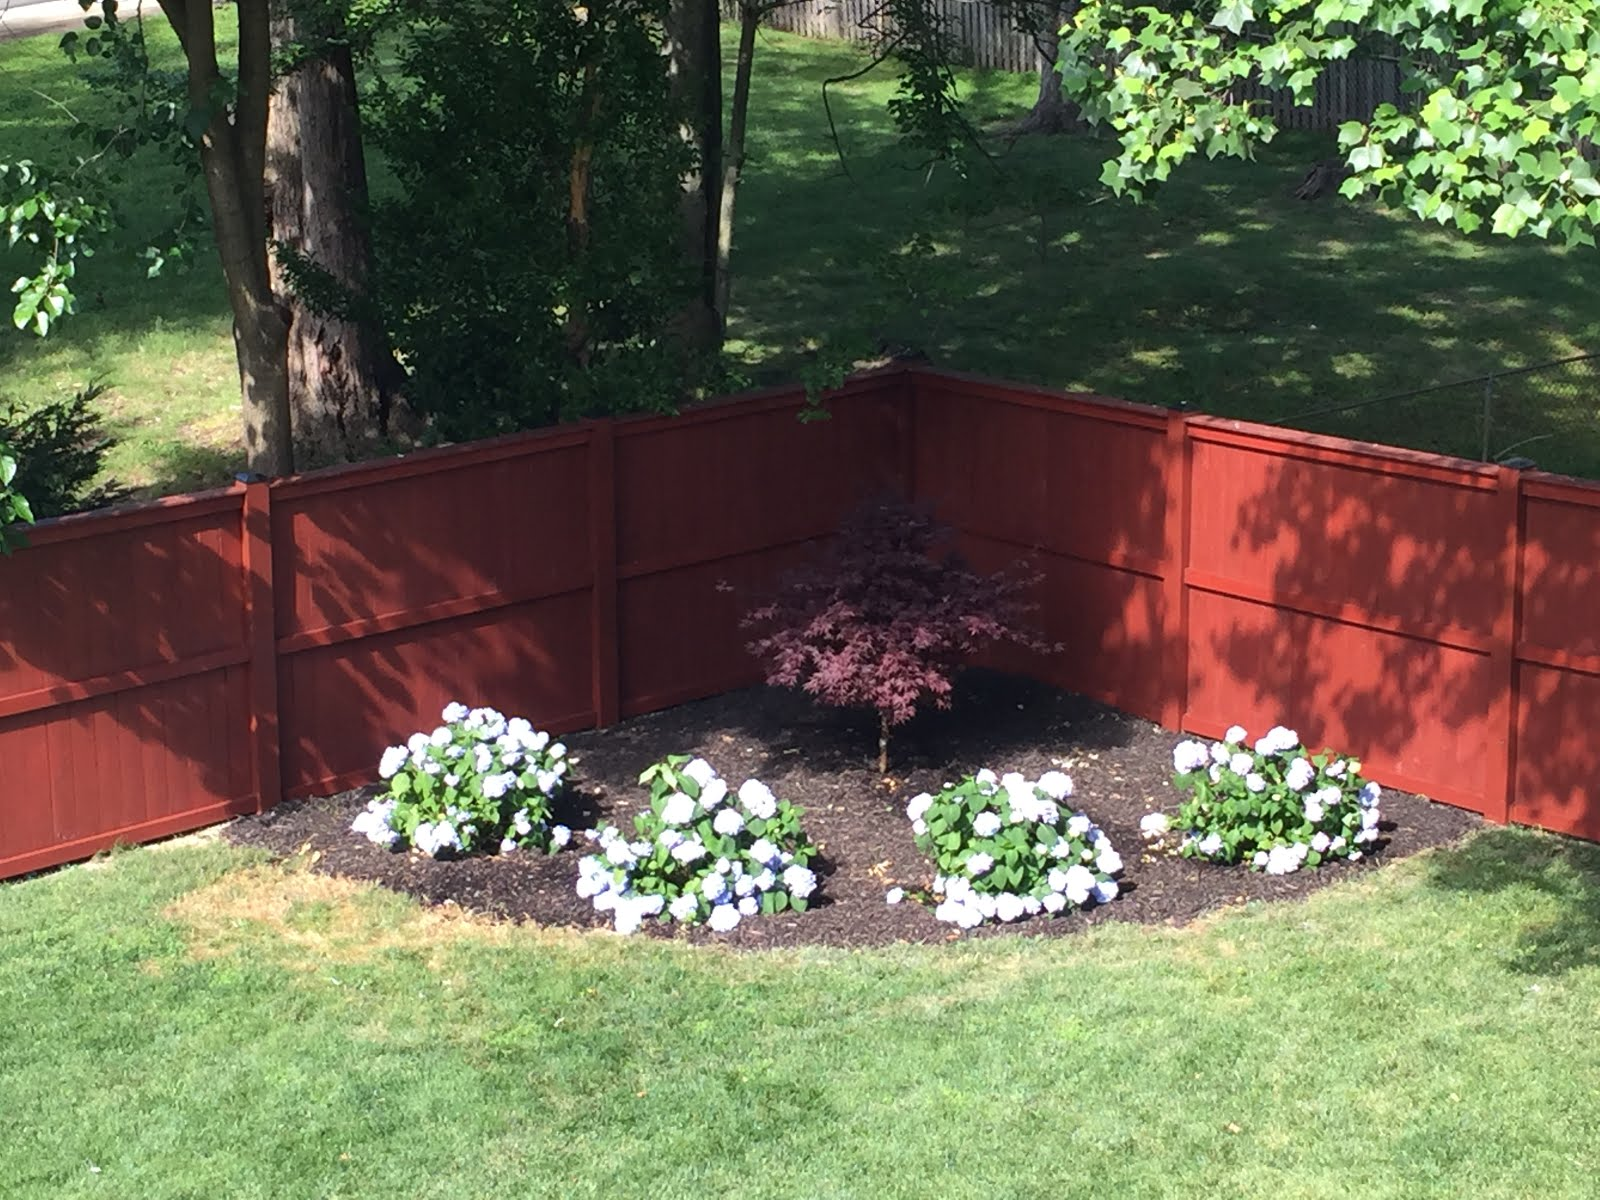 Chris' memorial garden